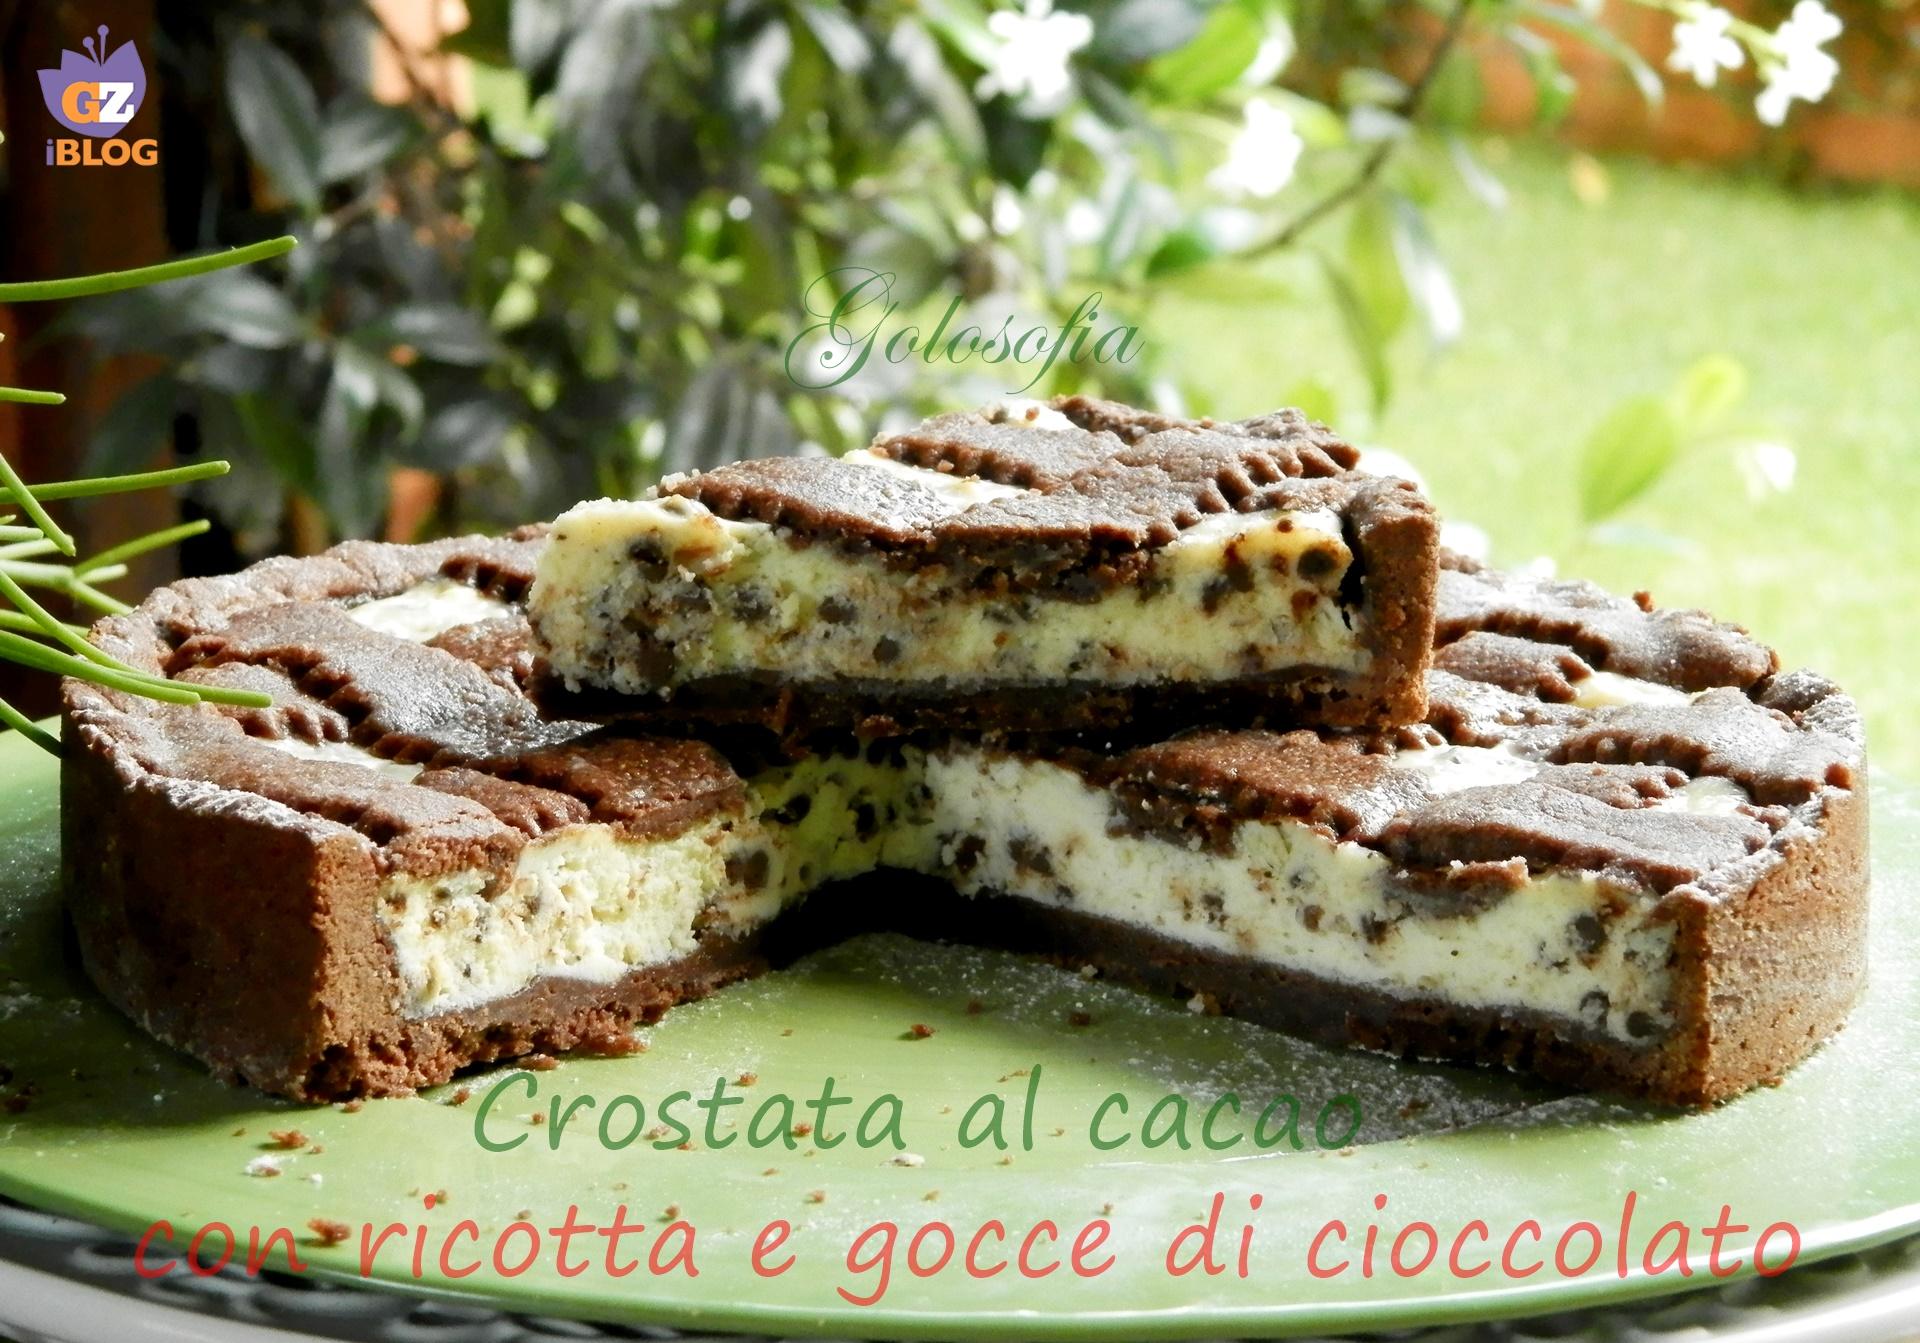 Crostata al cacao con ricotta e gocce di cioccolato, ricetta golosissima!